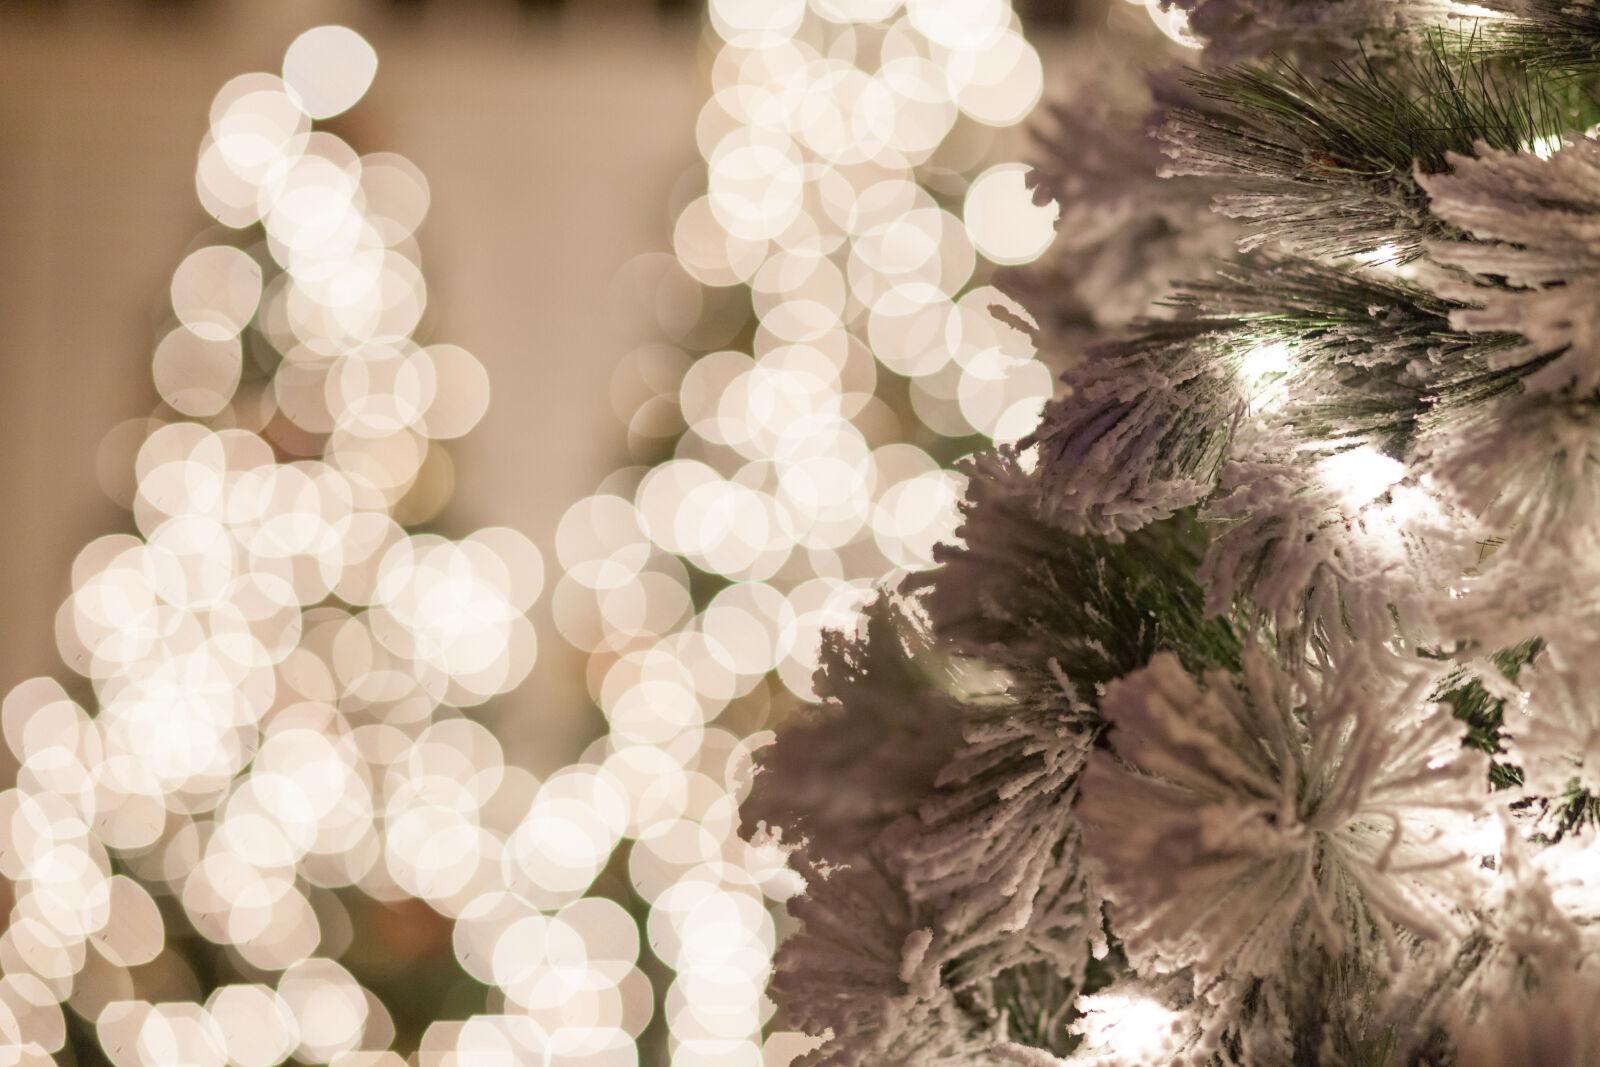 boken, holiday, lights, snow